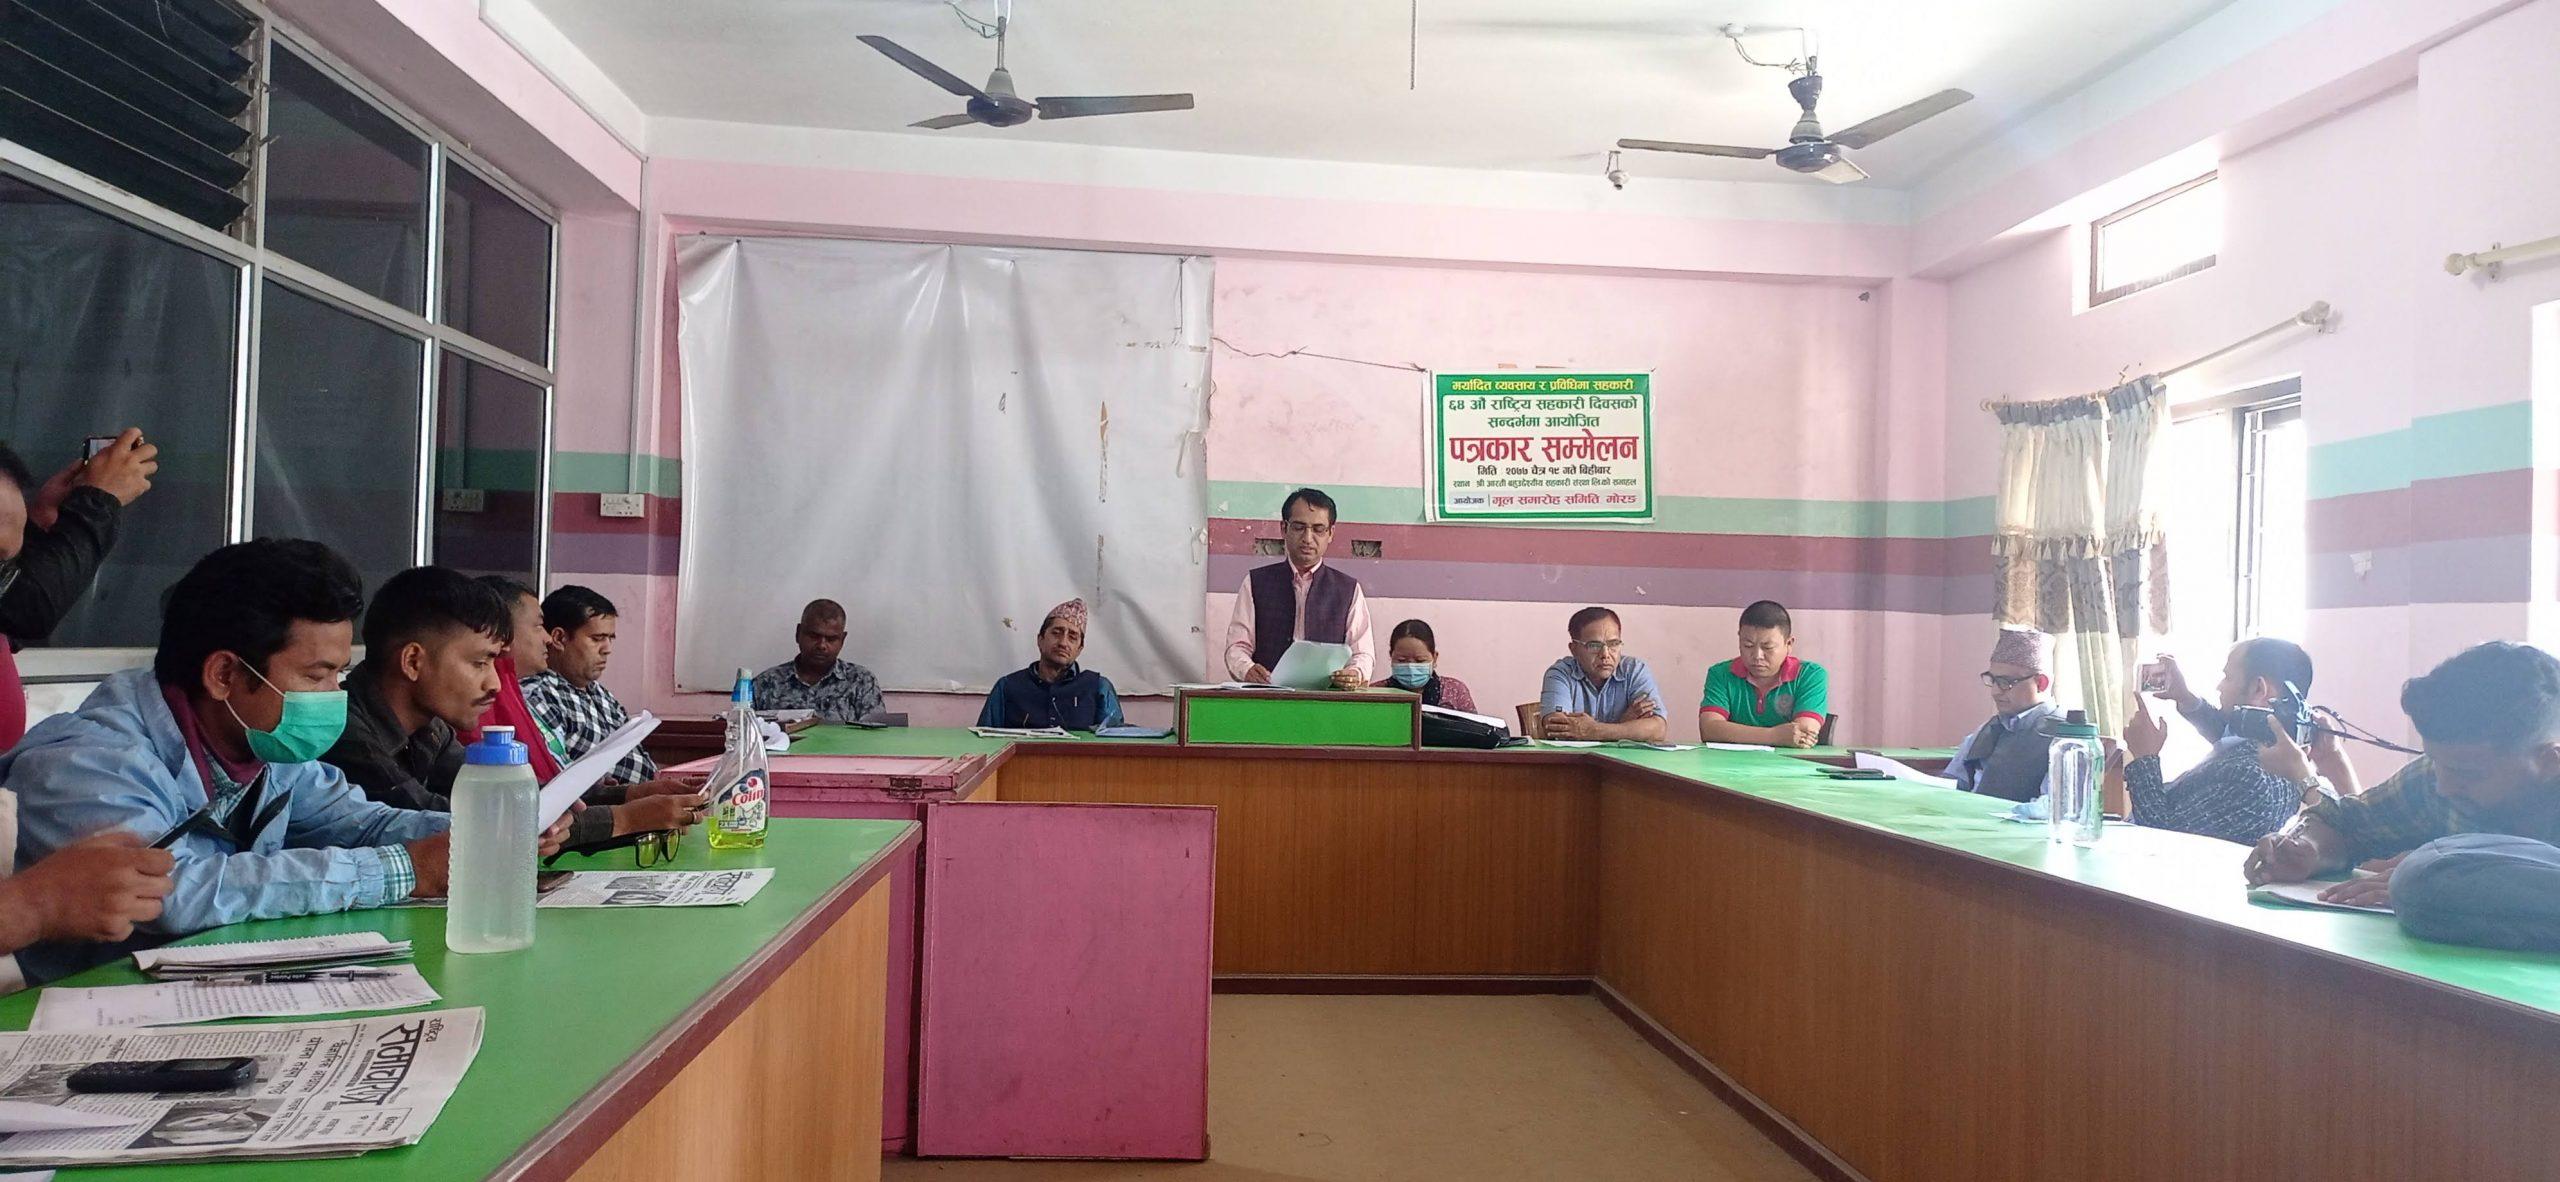 मोरङमा राष्ट्रिय सहकारी दिवस भब्य रुपमा मनाइने